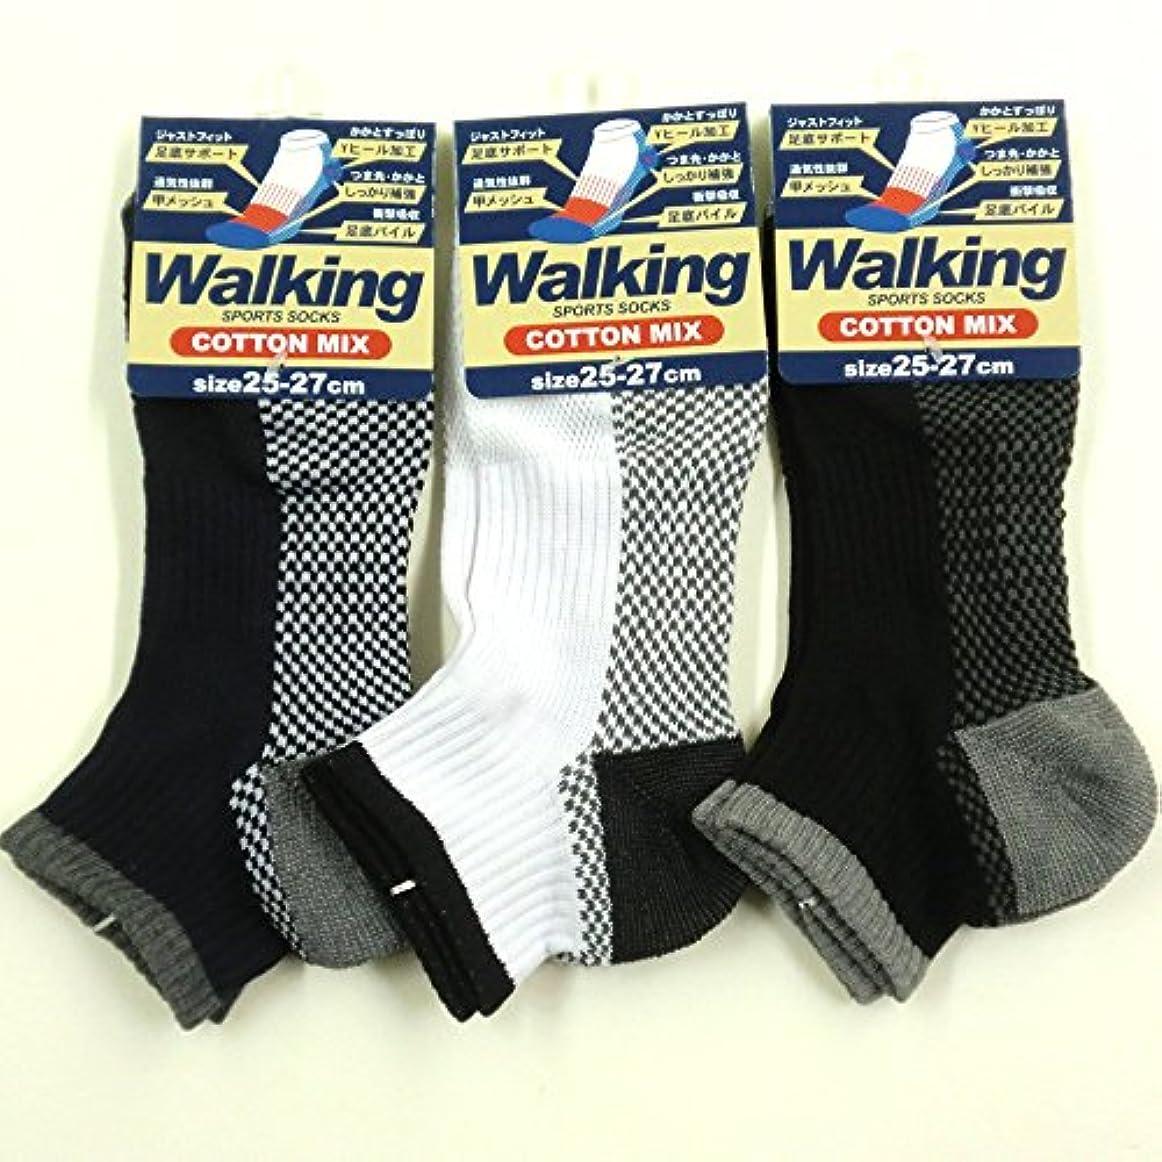 湿度販売員アサースニーカー ソックス メンズ ウォーキング 靴下 綿混 足底パイル 25-27cm 3足セット